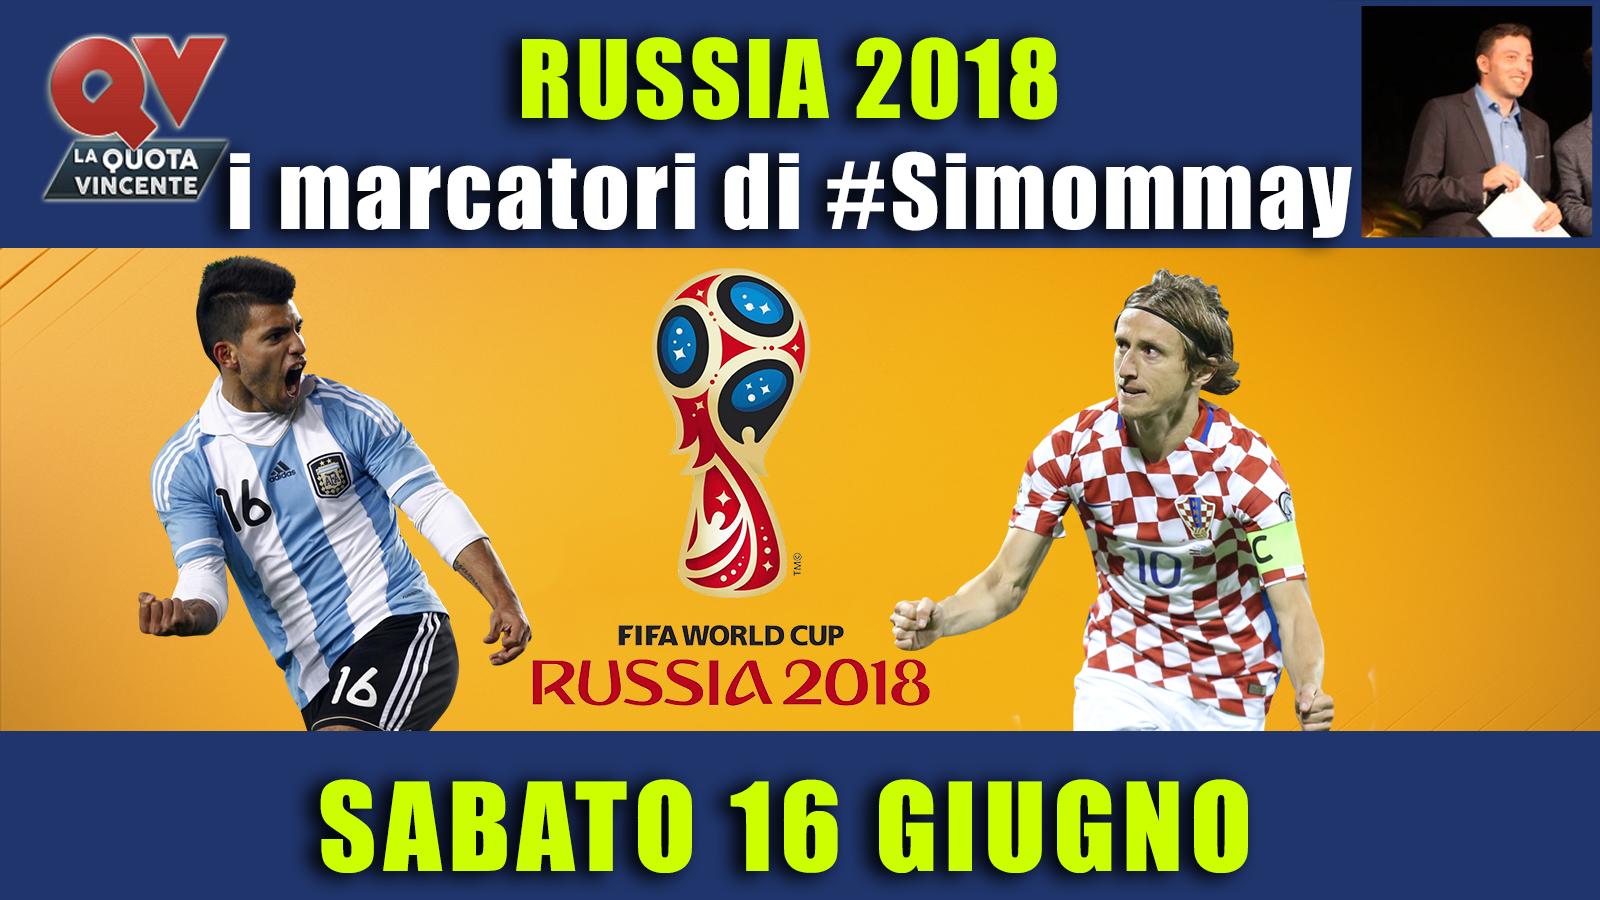 Pronostici marcatori Mondiali 16 giugno: i marcatori di #simommay